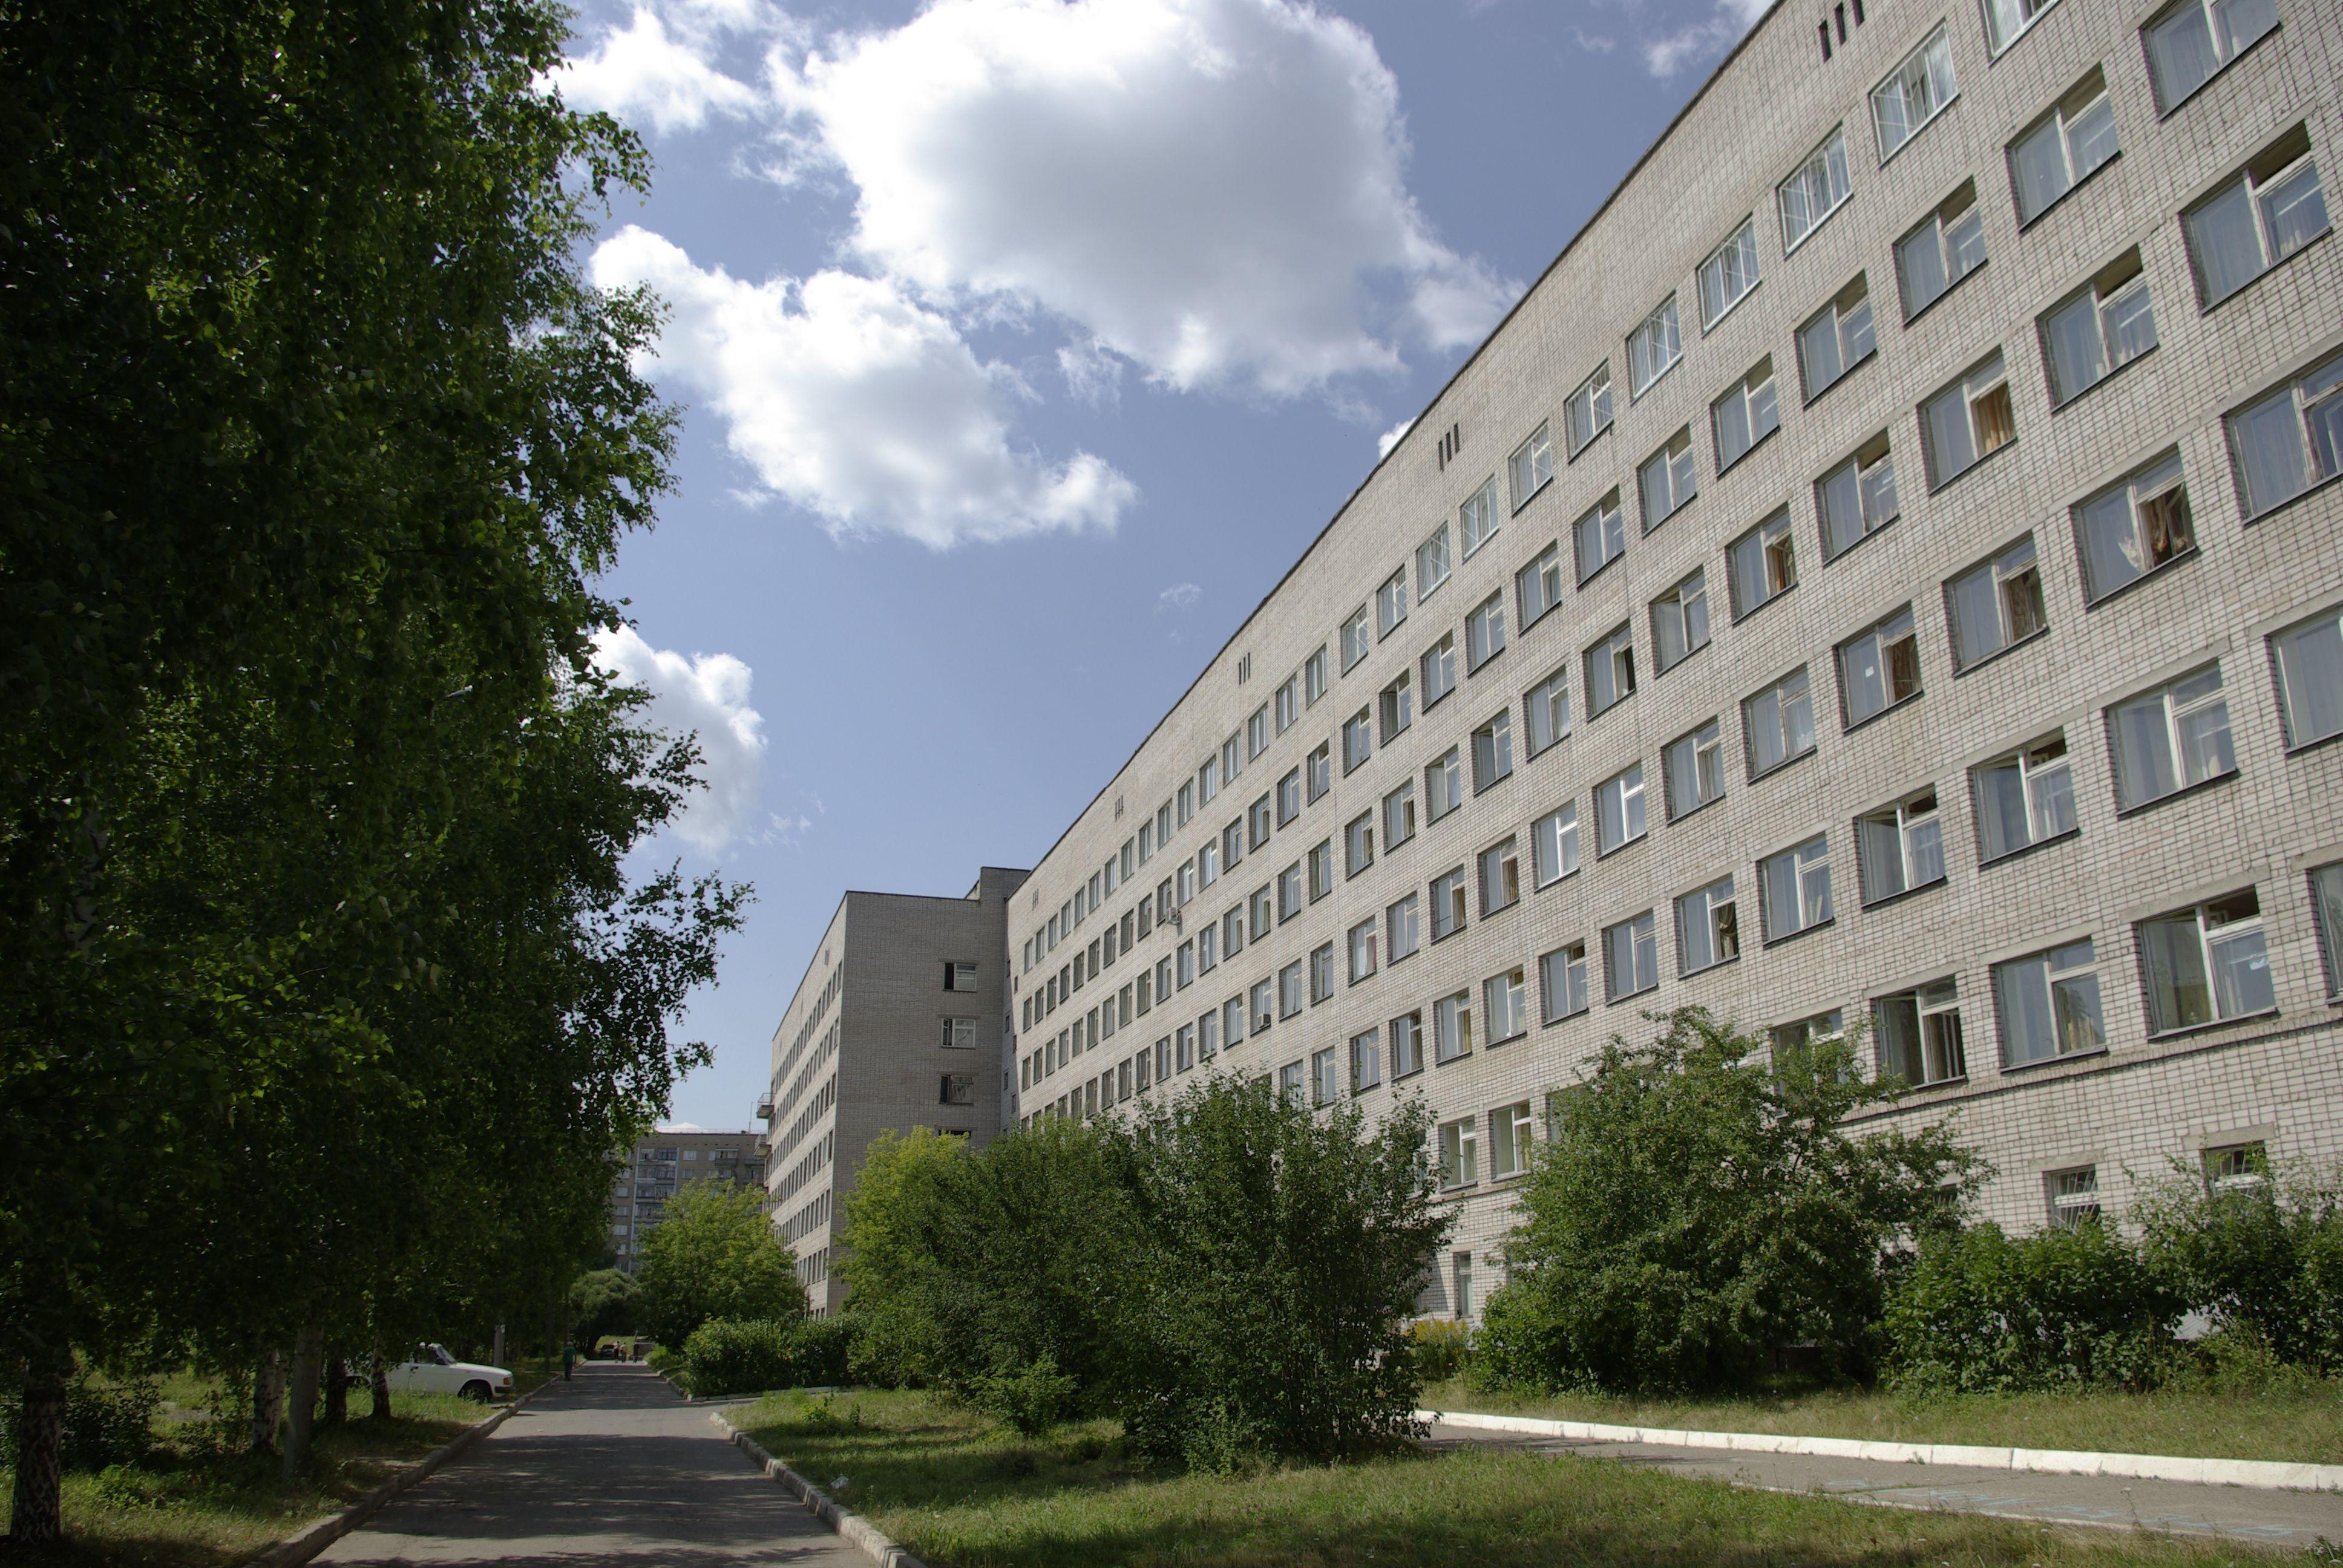 Главный врач ГКБ № 6 г. Ижевска взяла в заложники сотрудницу